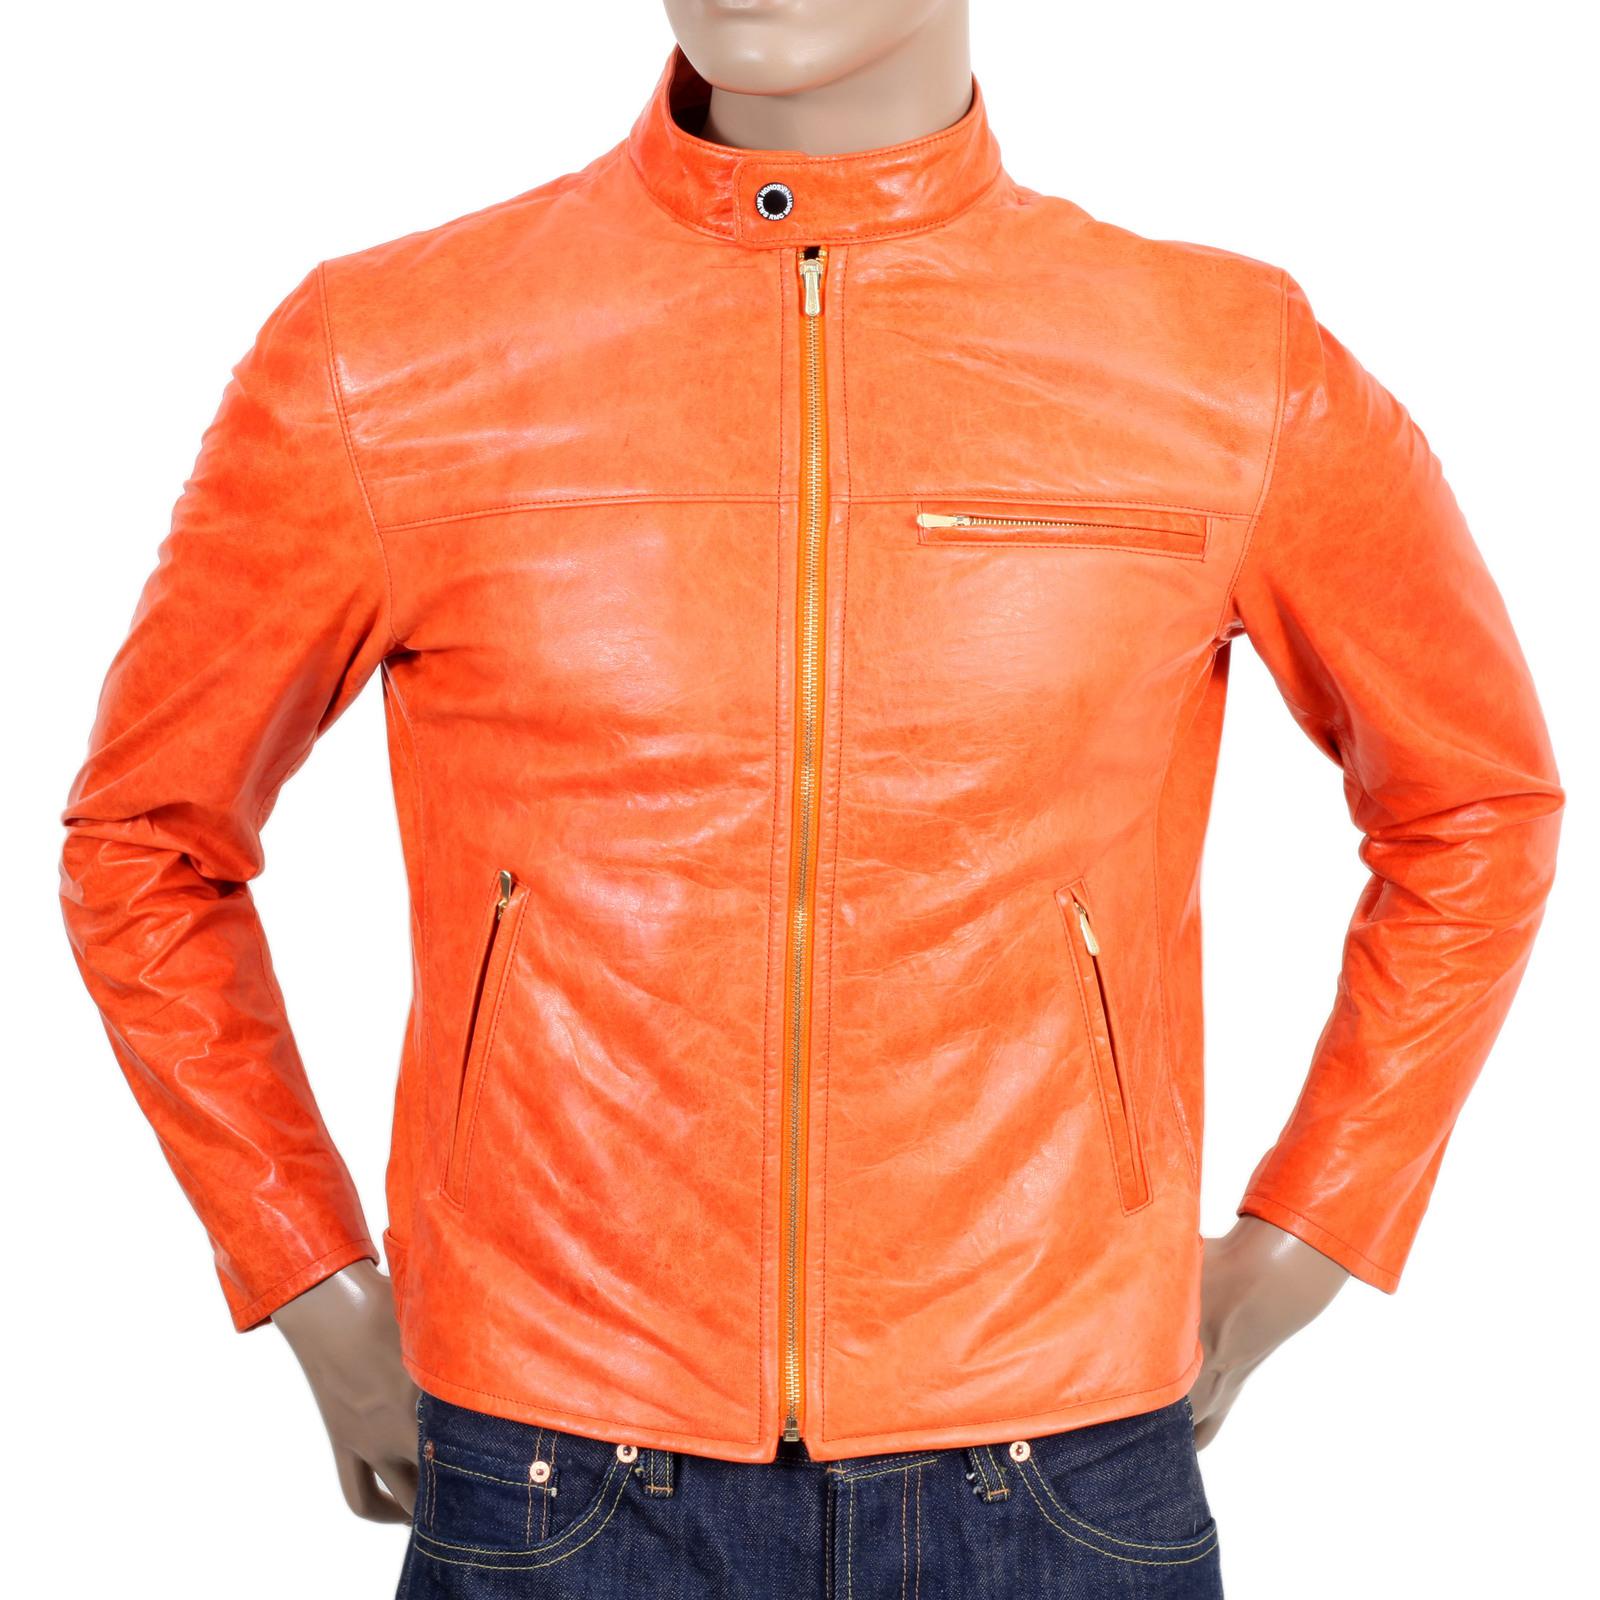 Orange leather motorcycle jacket